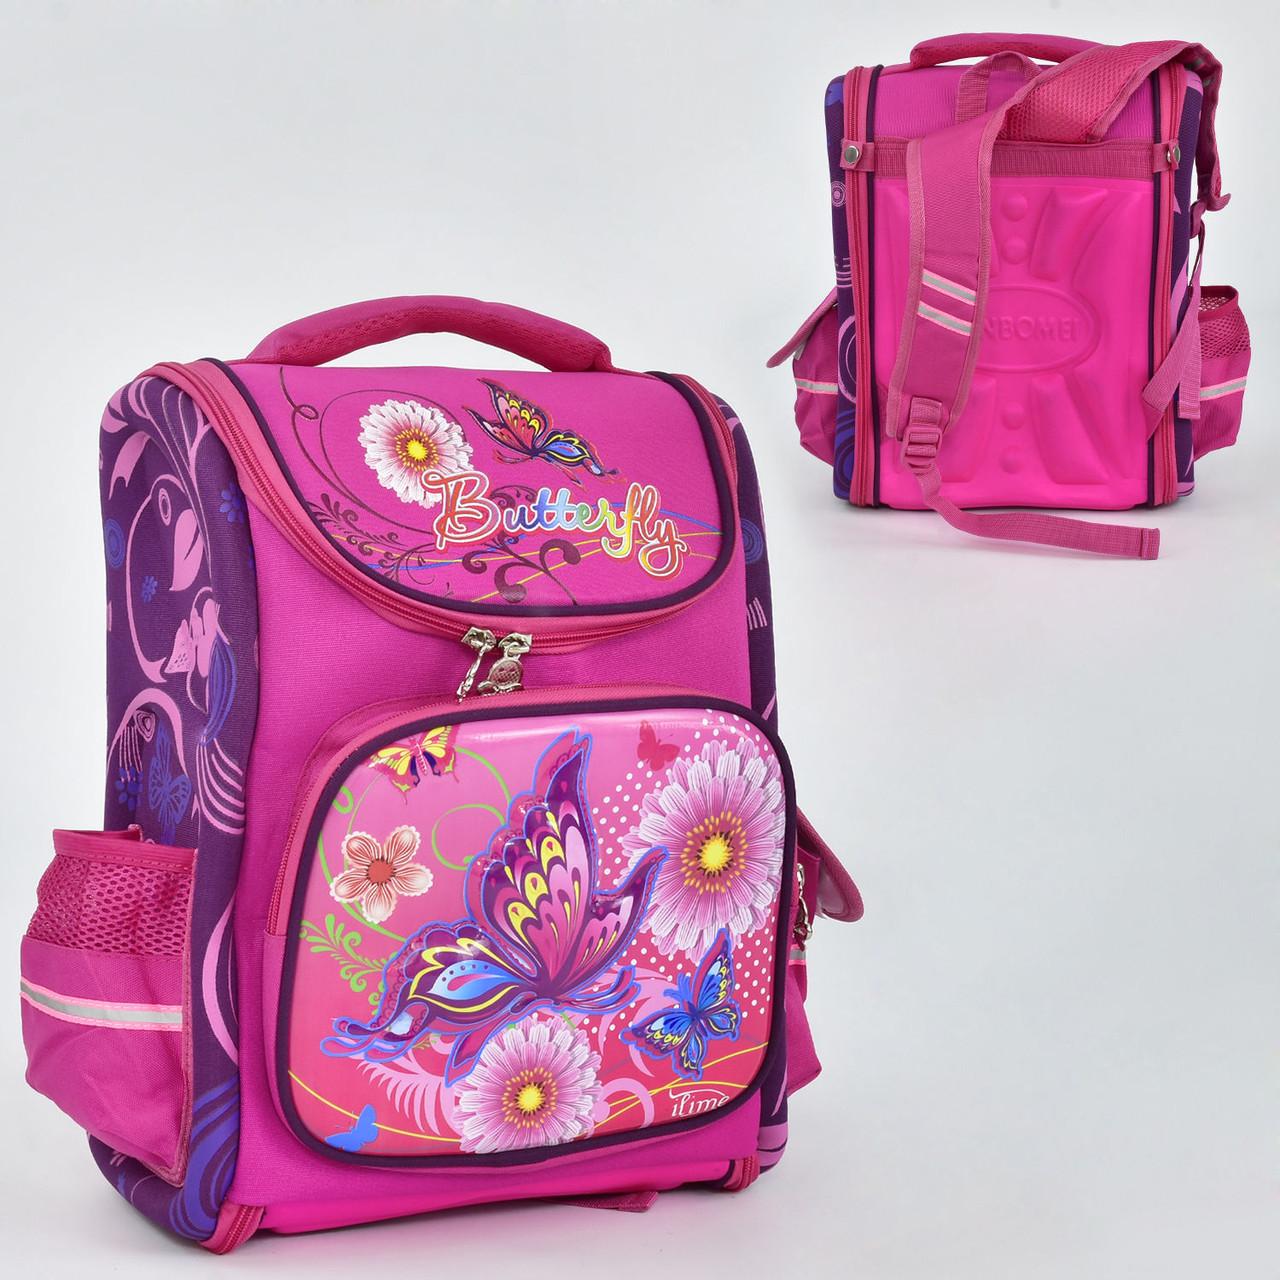 Дитячий Рюкзак шкільний для дівчинки N 00135 з 3 кишенями і ортопедичною спинкою